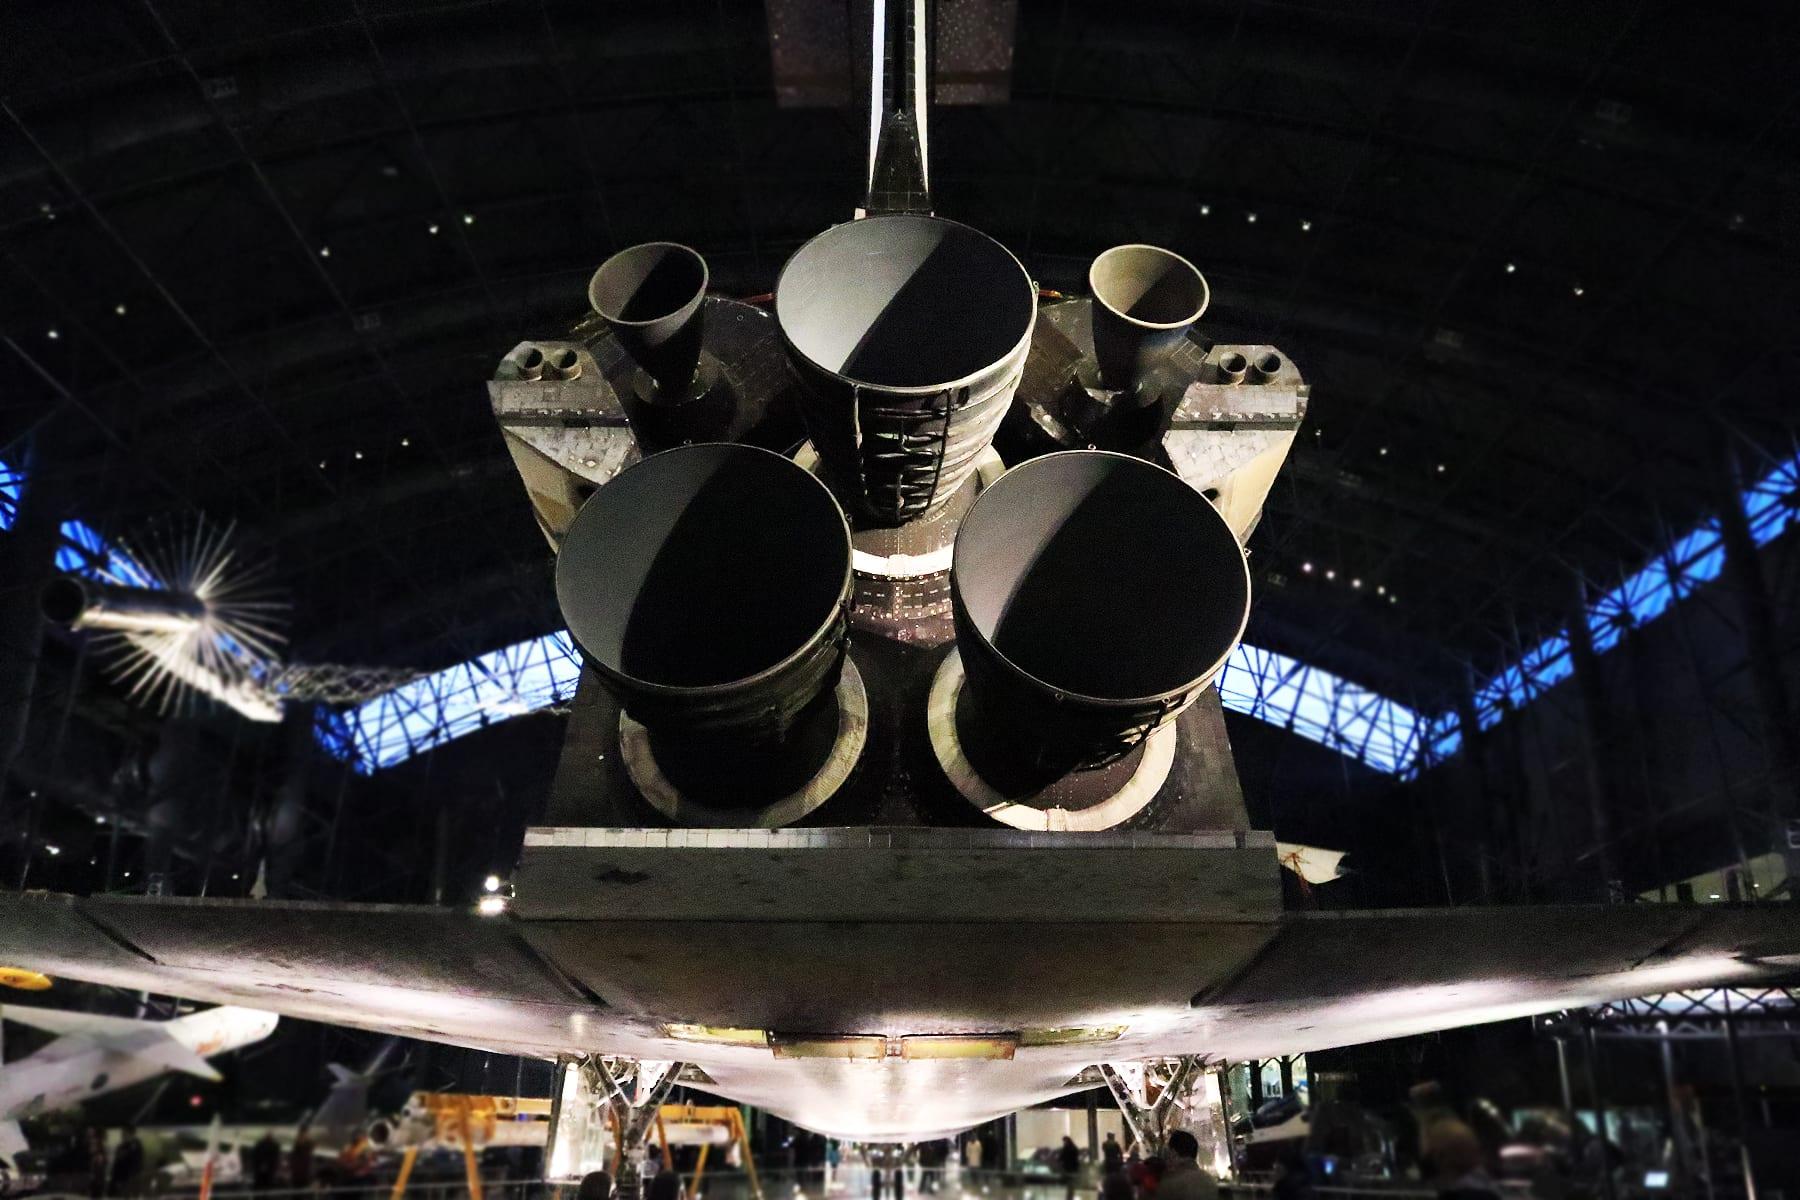 journey-11-VA-airspacemuseum07.jpg